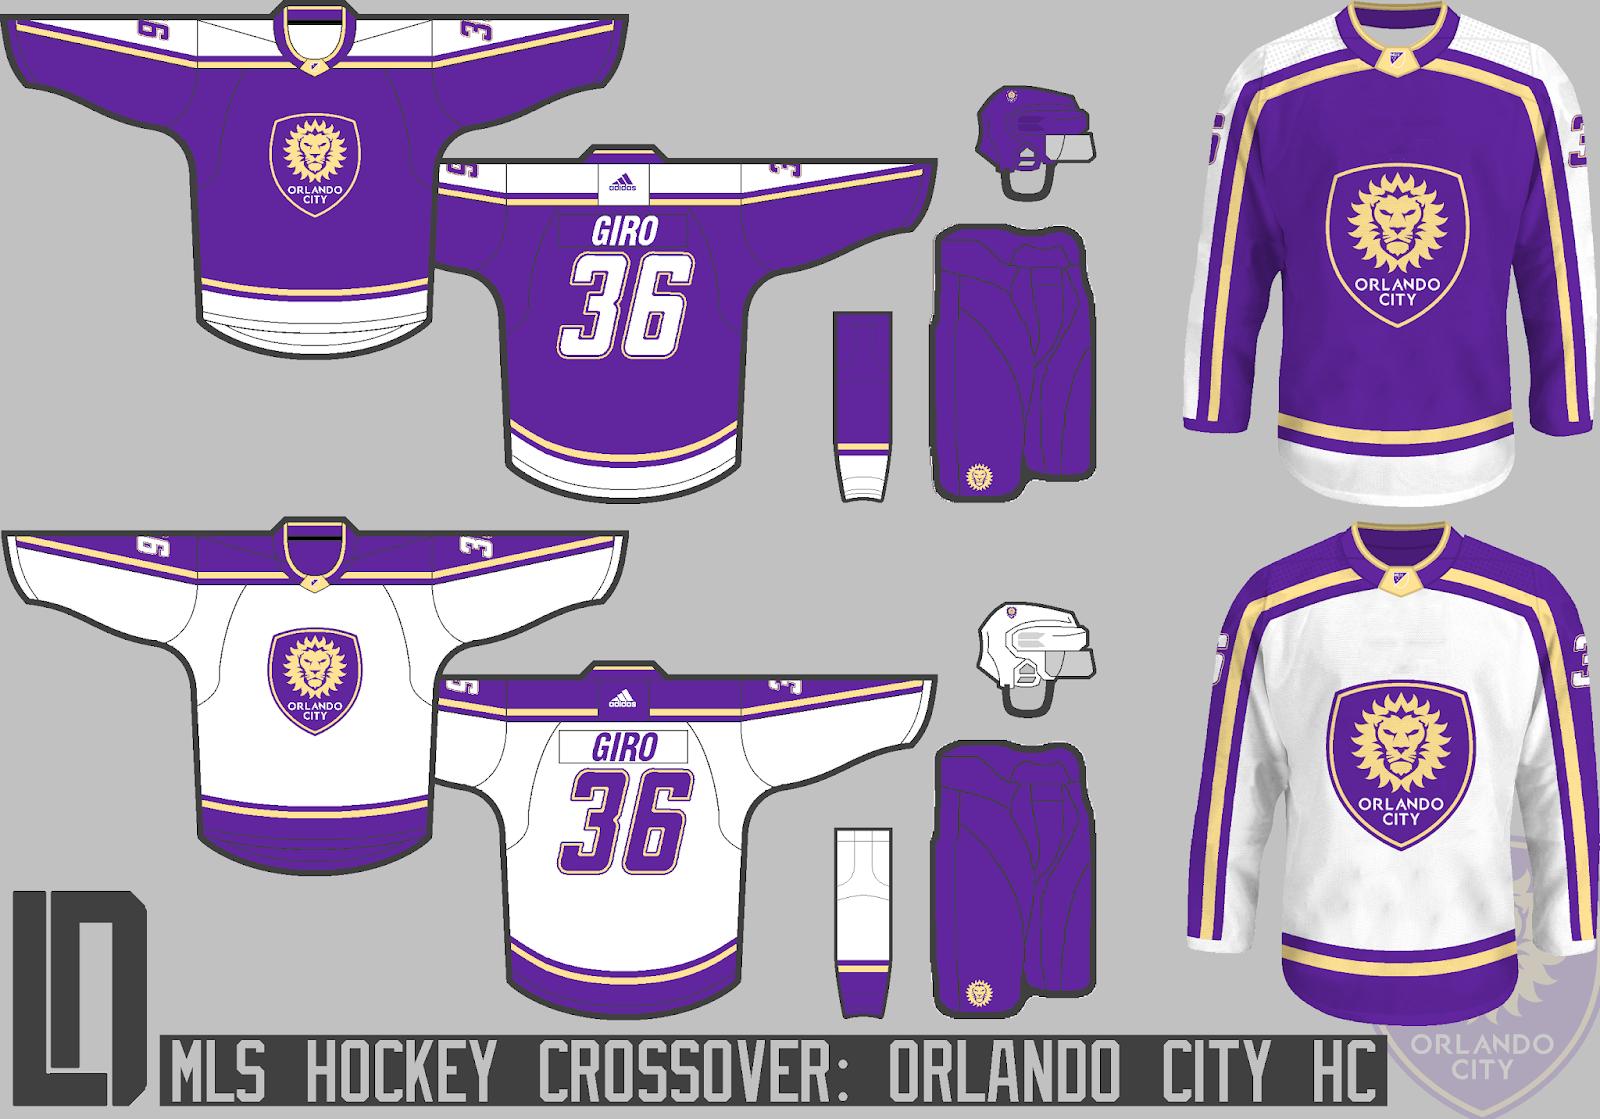 Orlando+City+HC+Concept.png